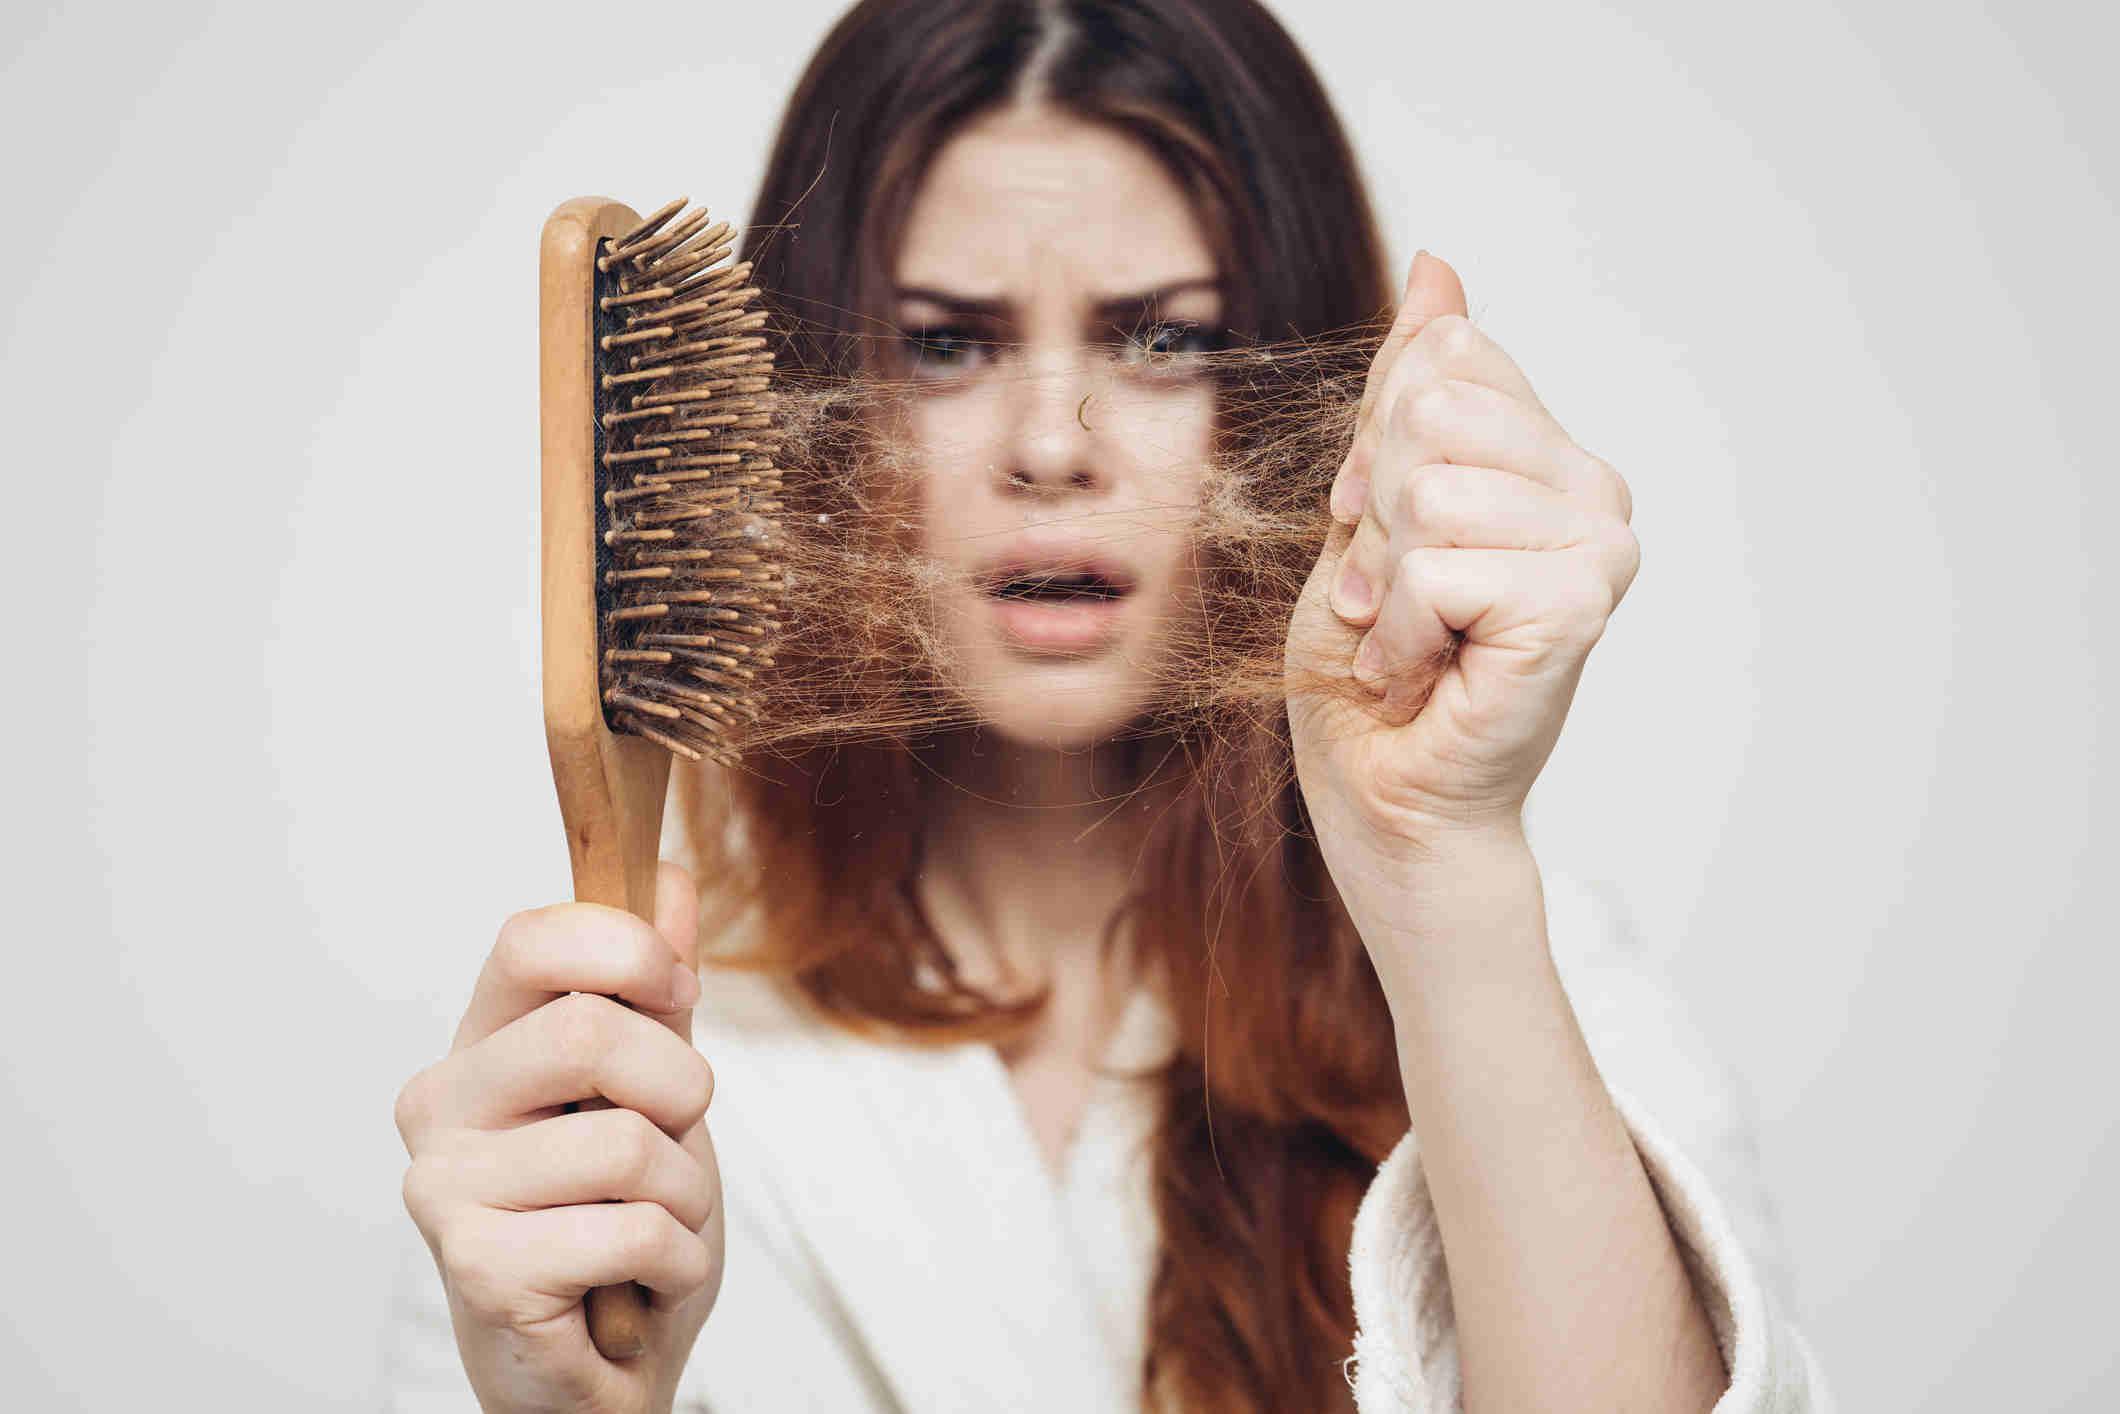 علاج تساقط الشعر في المنزل